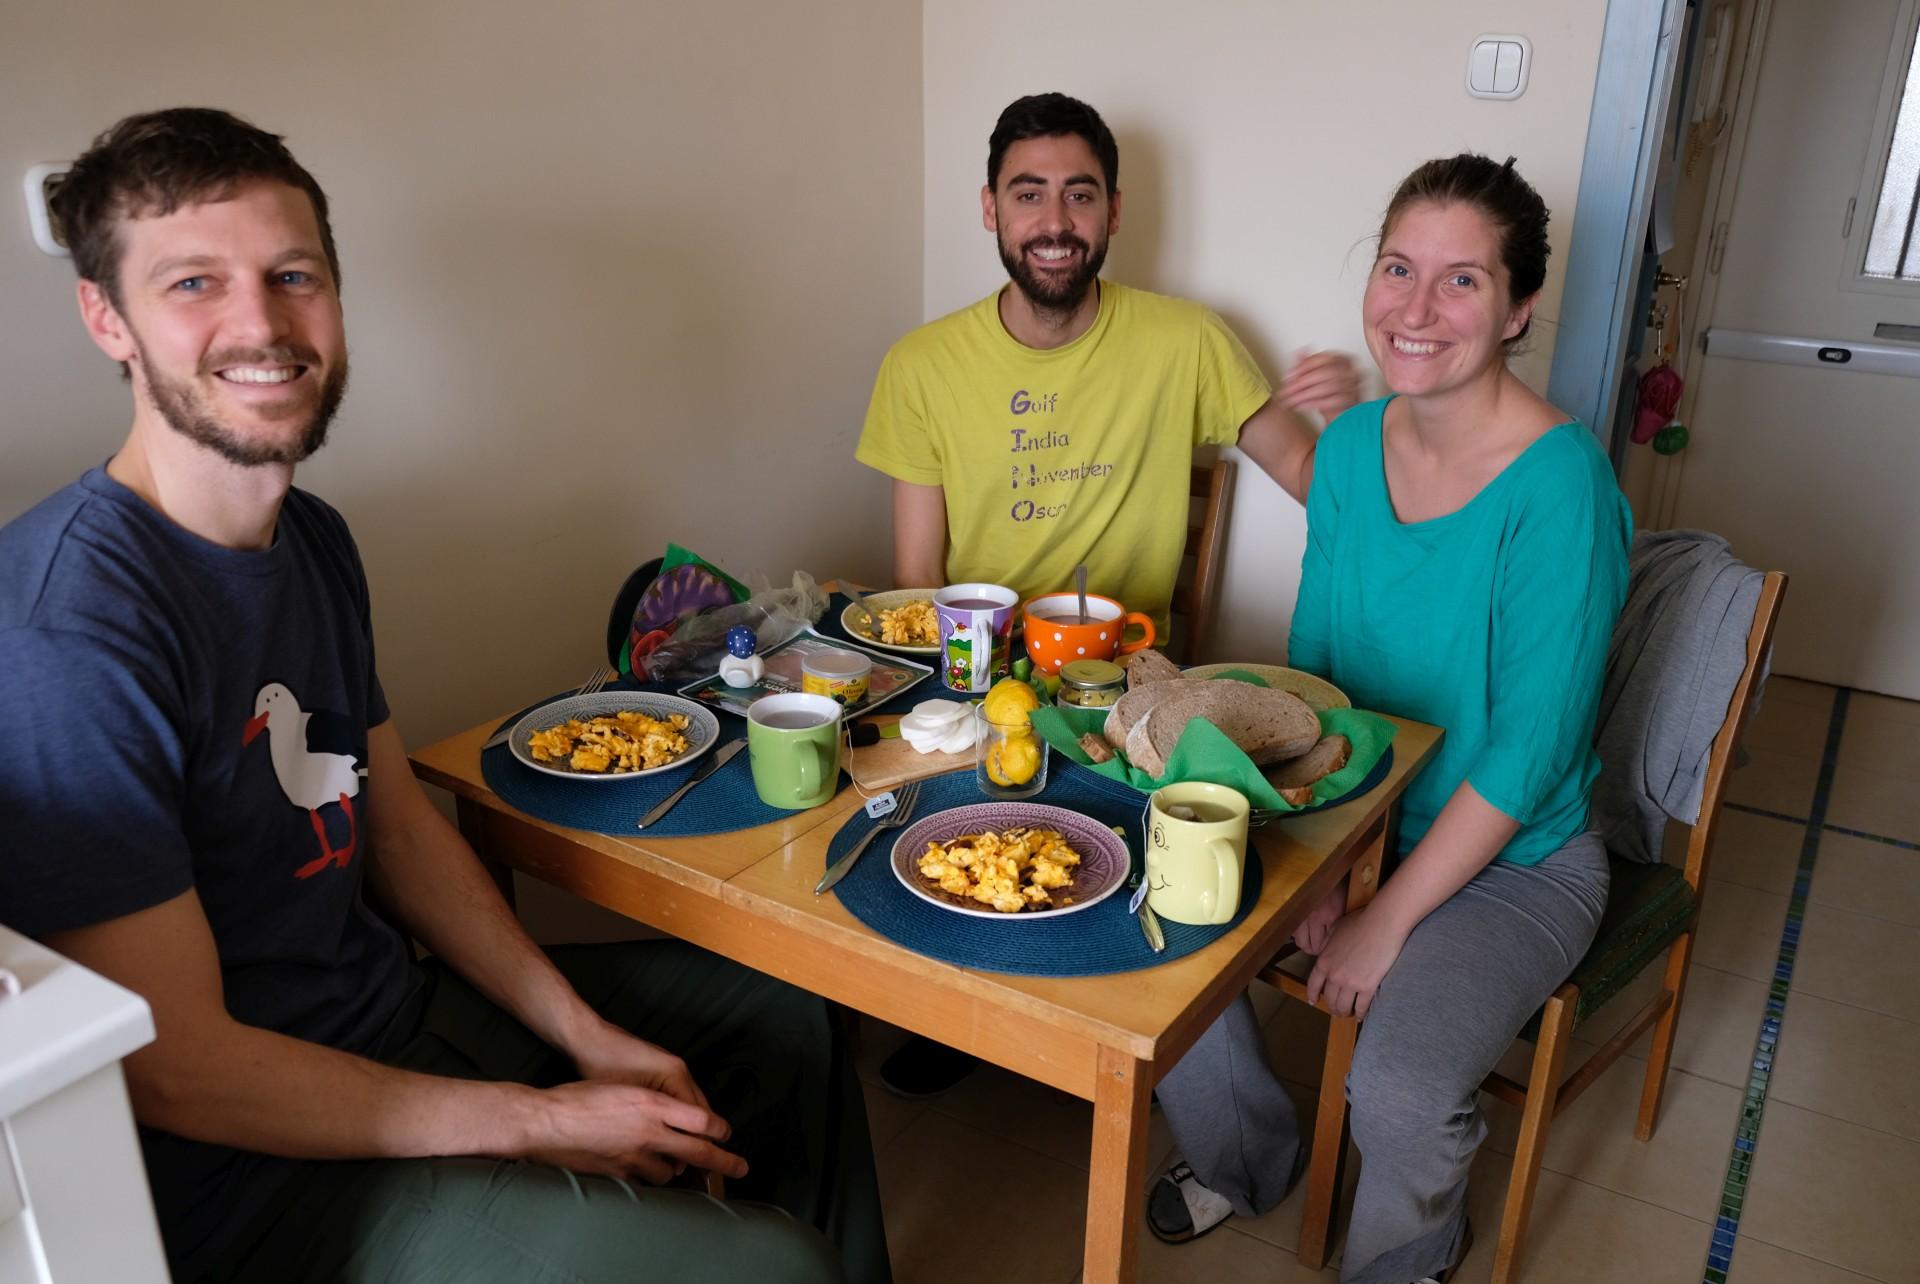 Frühstück mit unseren Gastgebern Dorka und Lali: Omlette mit selbstgemachter Salami!